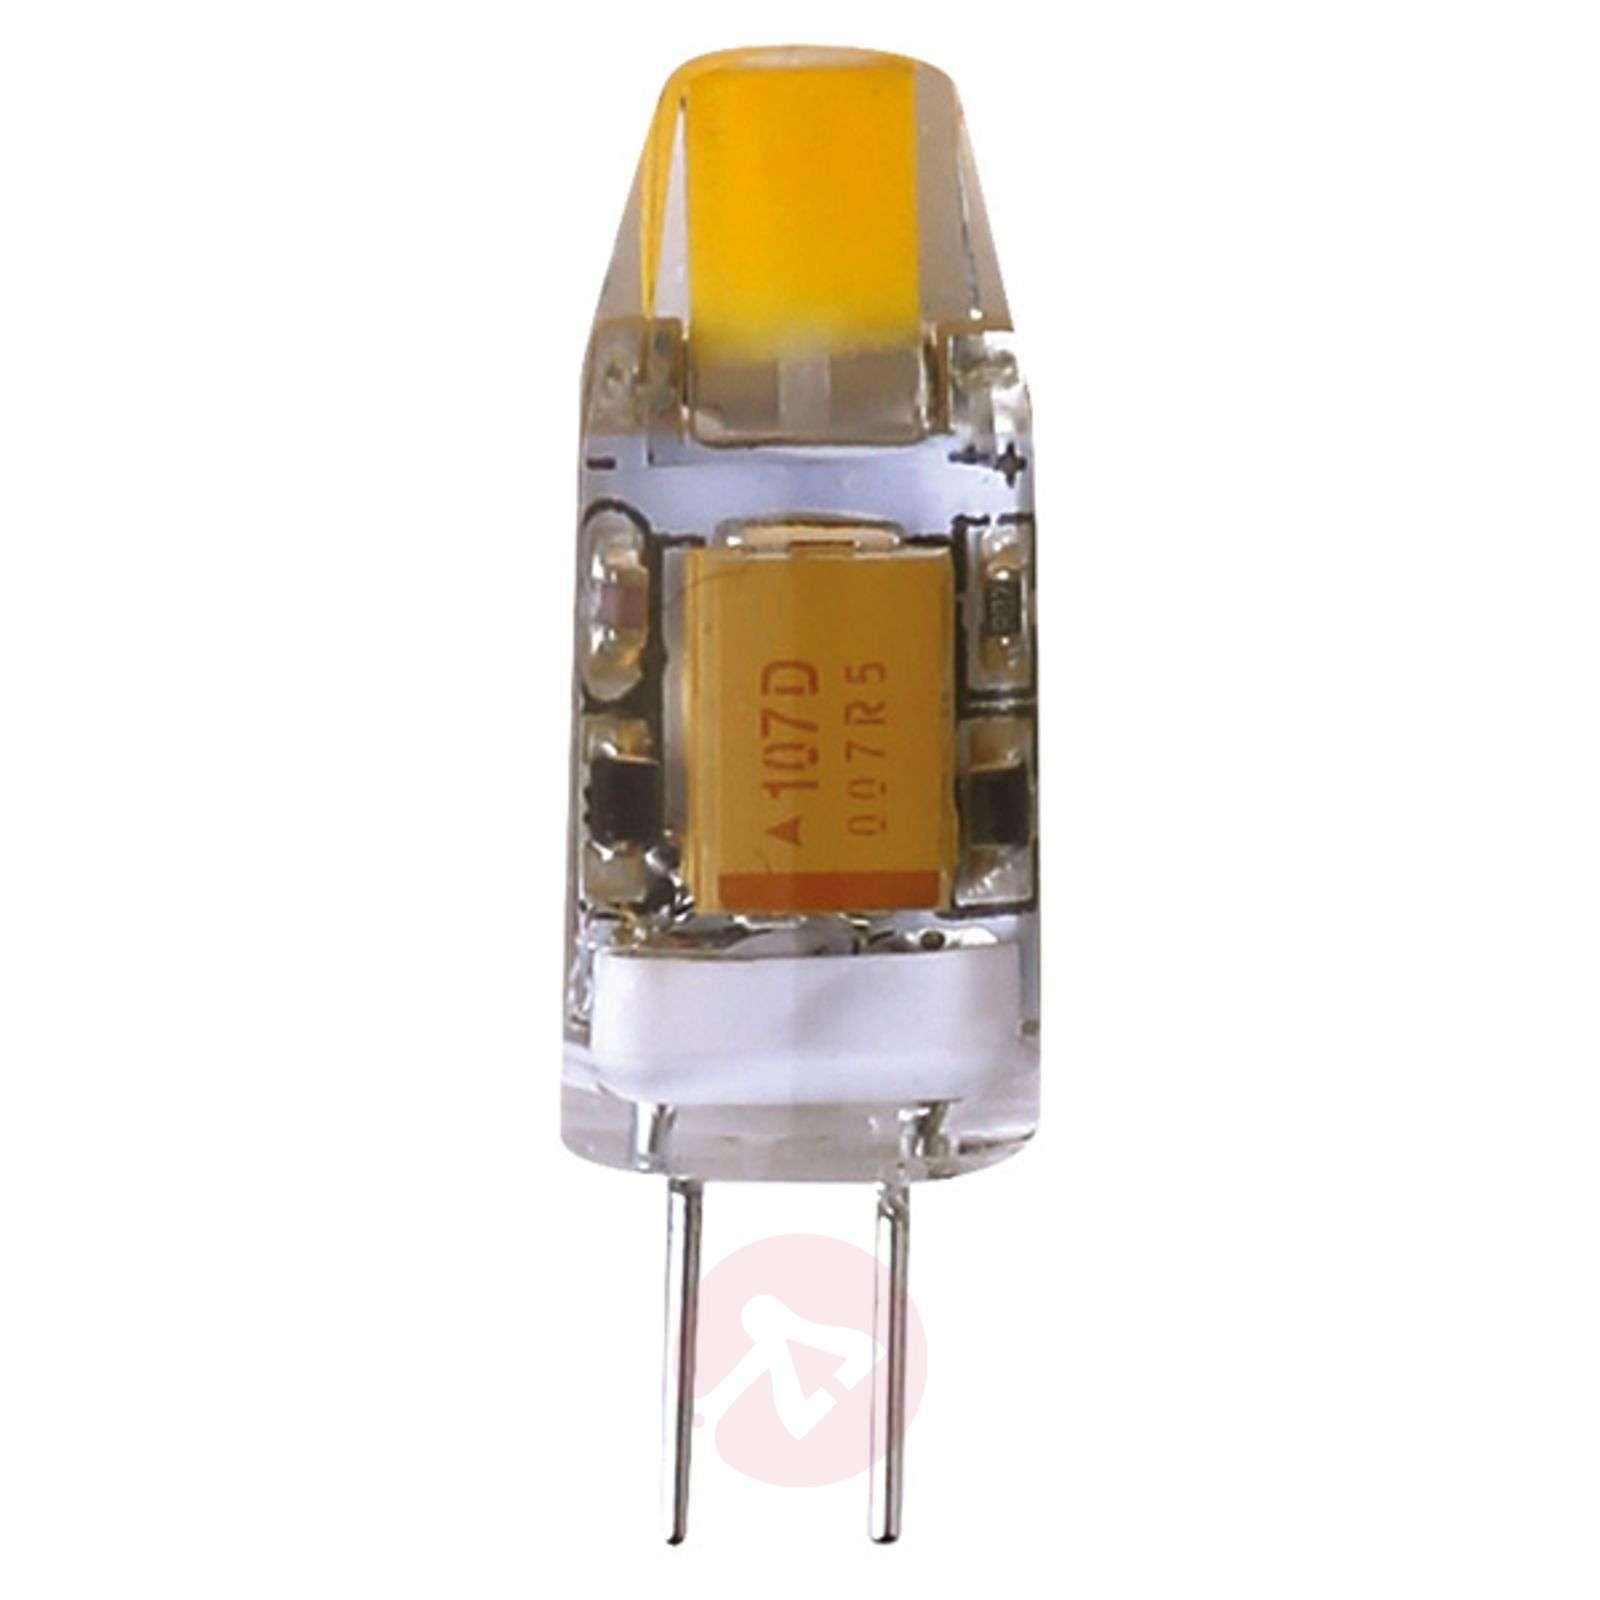 G4 1.2W 828 NV LED nappulalamppu-6530200-01